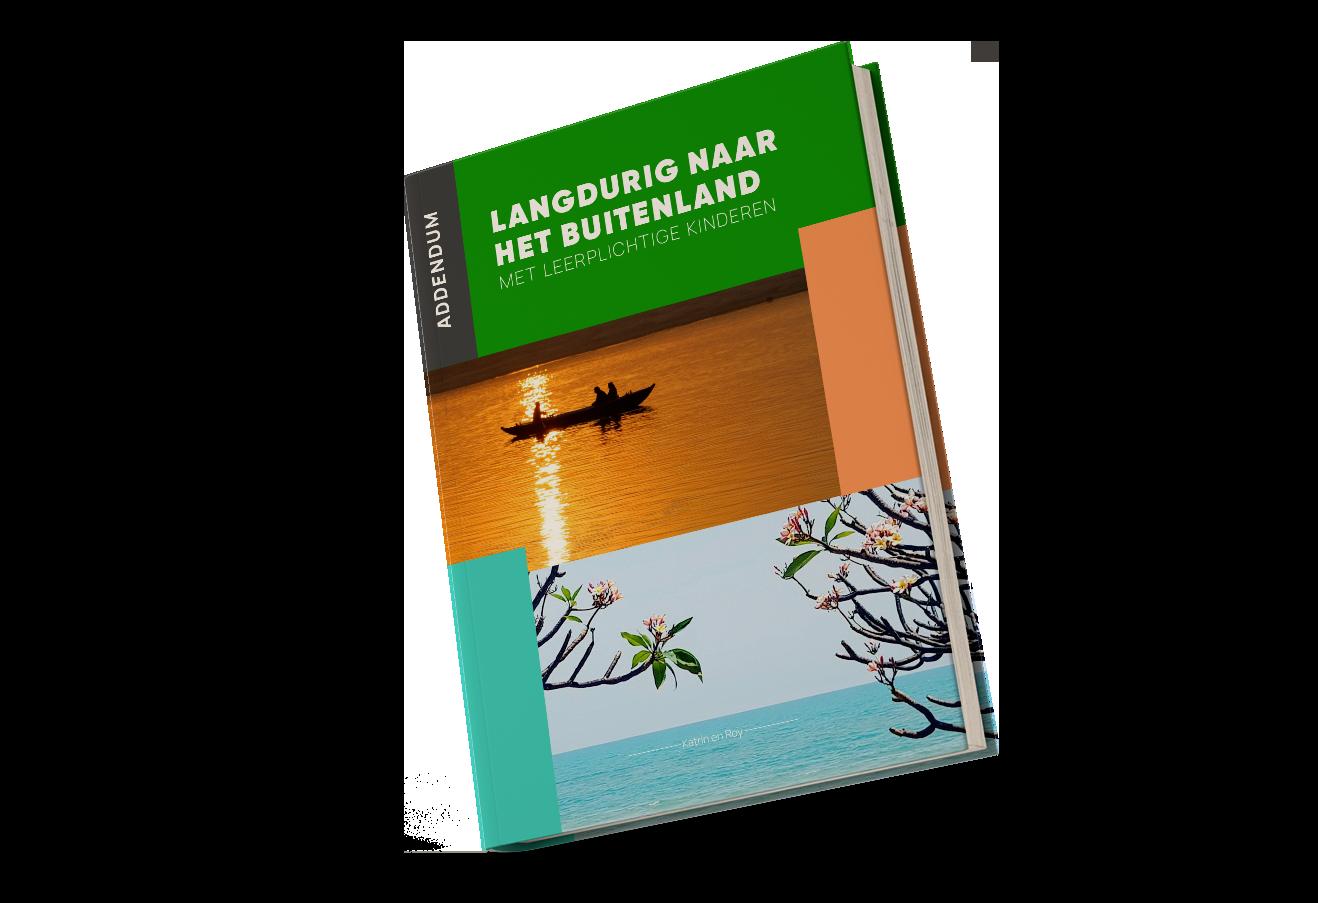 Cover-e-book-Langdurig-naar-het-buitenland-met-leerplichtige-kinderen